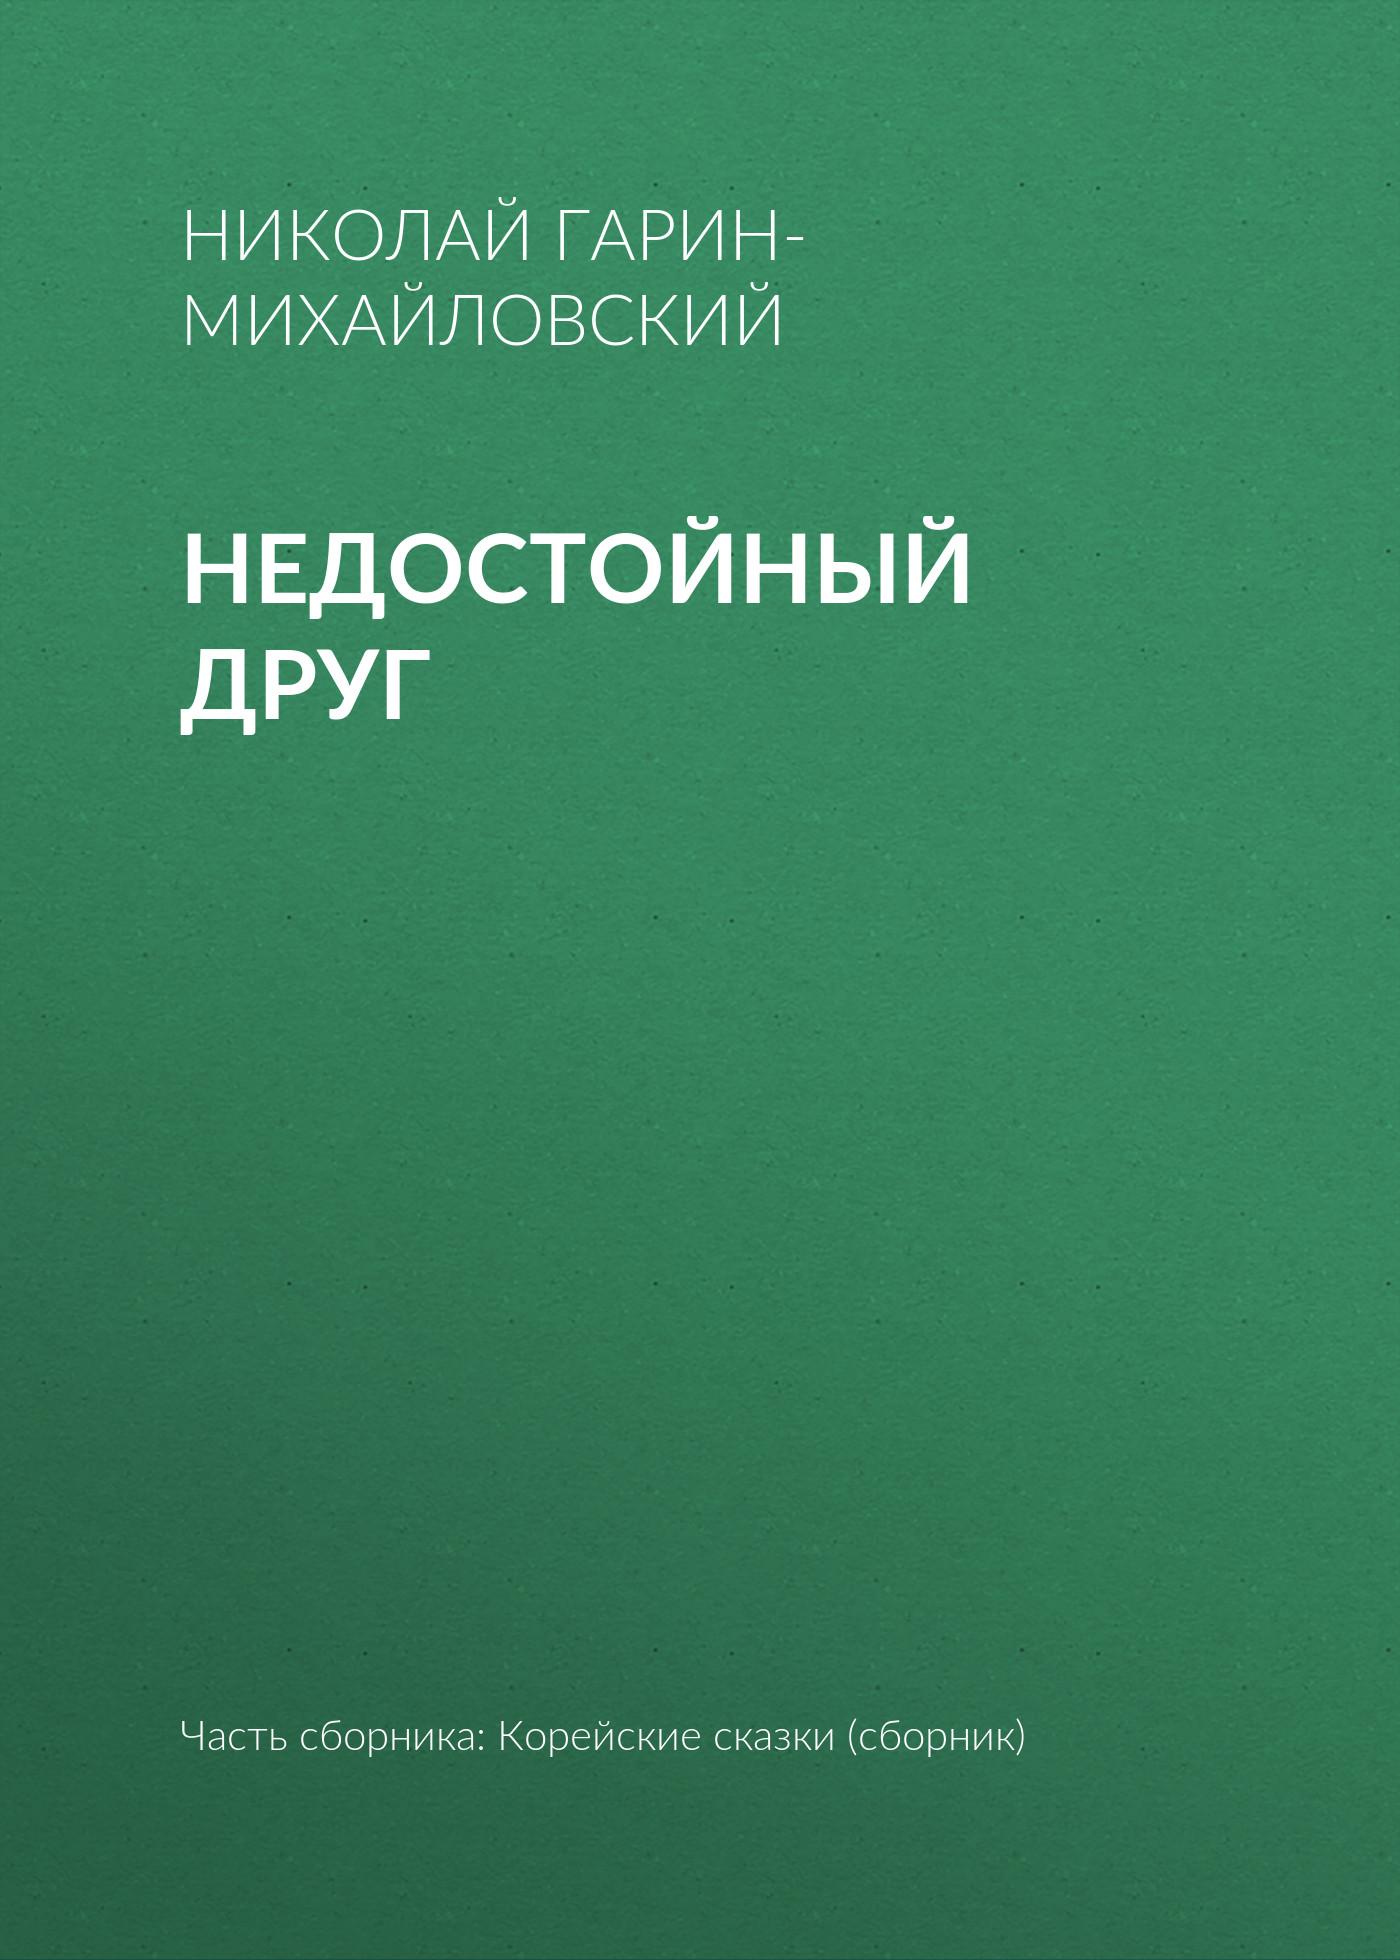 Николай Гарин-Михайловкий Недотойный друг